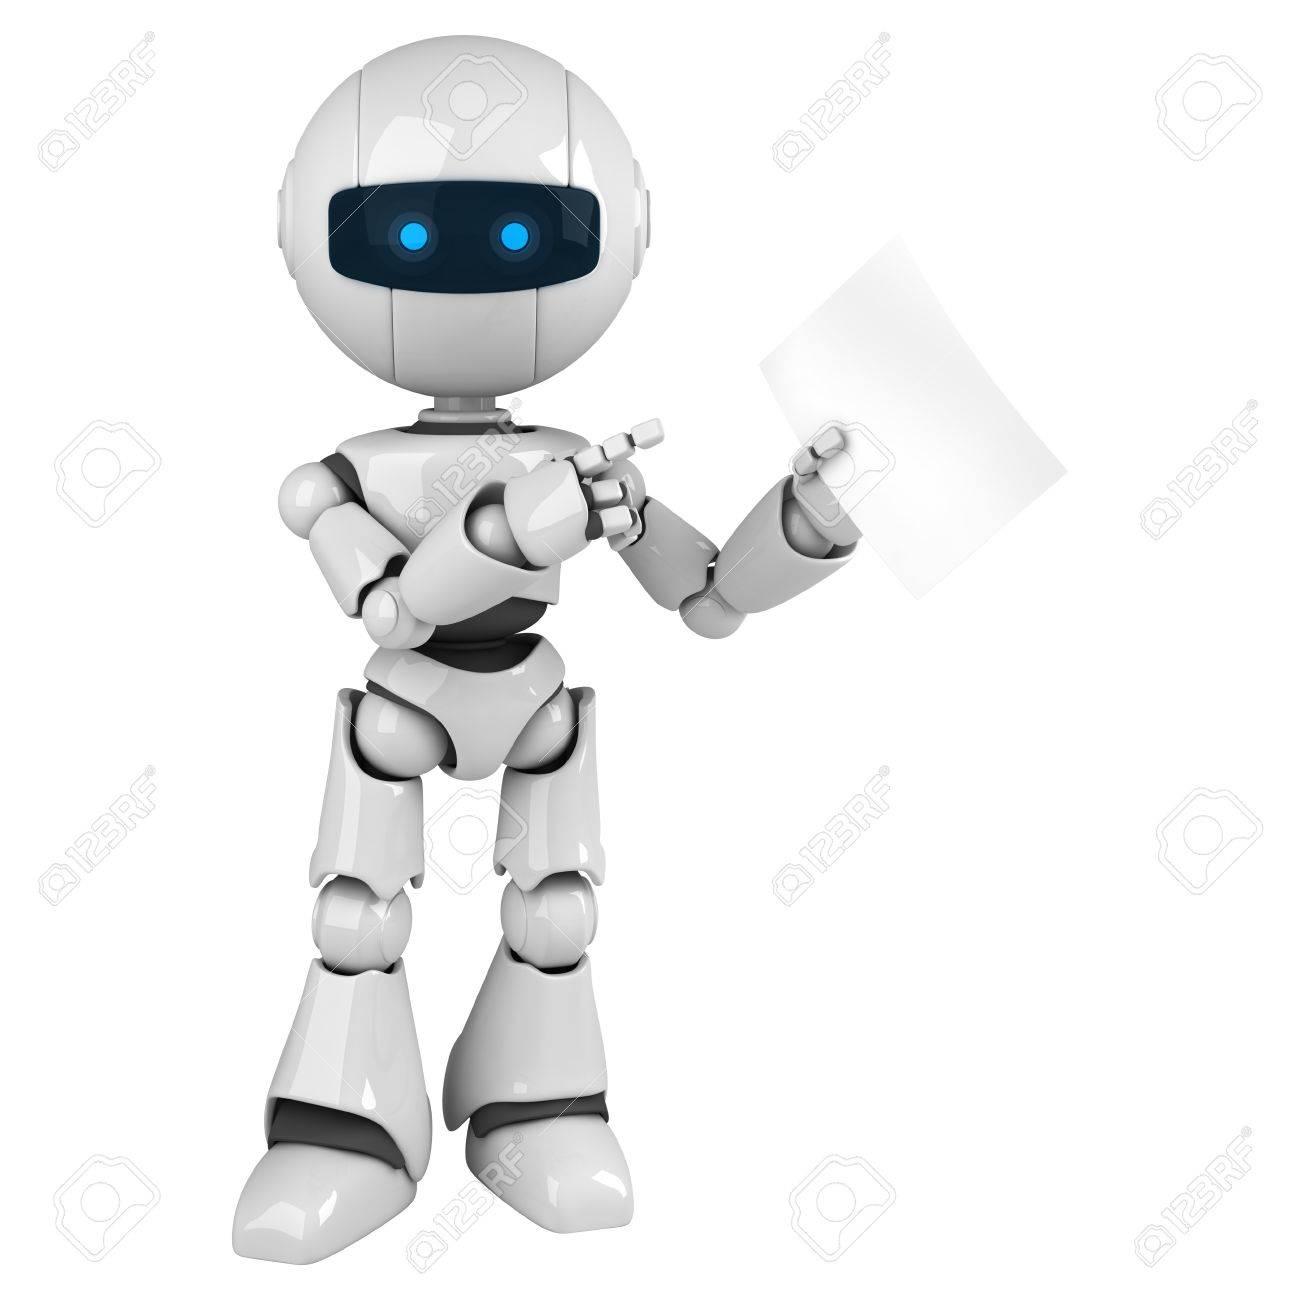 Lustige Weisse Roboter Bleiben Und Leeres Dokument Anzeigen Lizenzfreie Fotos Bilder Und Stock Fotografie Image 10042455